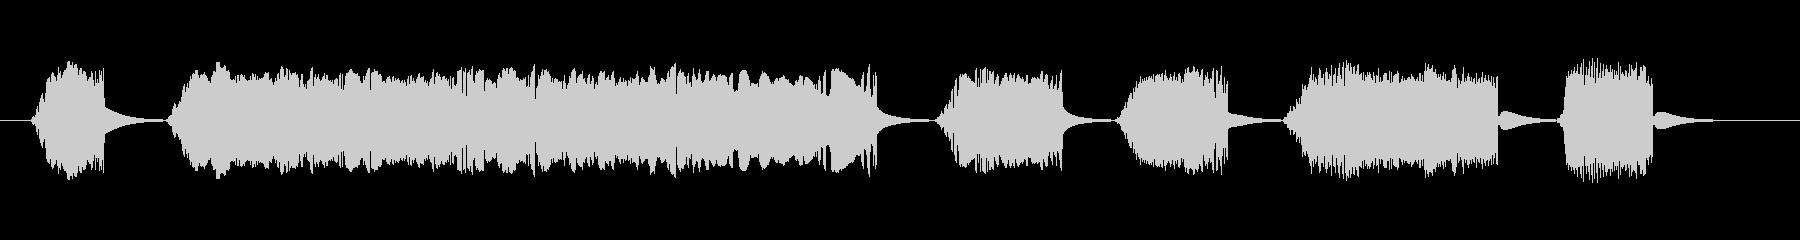 短いスタッター4の未再生の波形